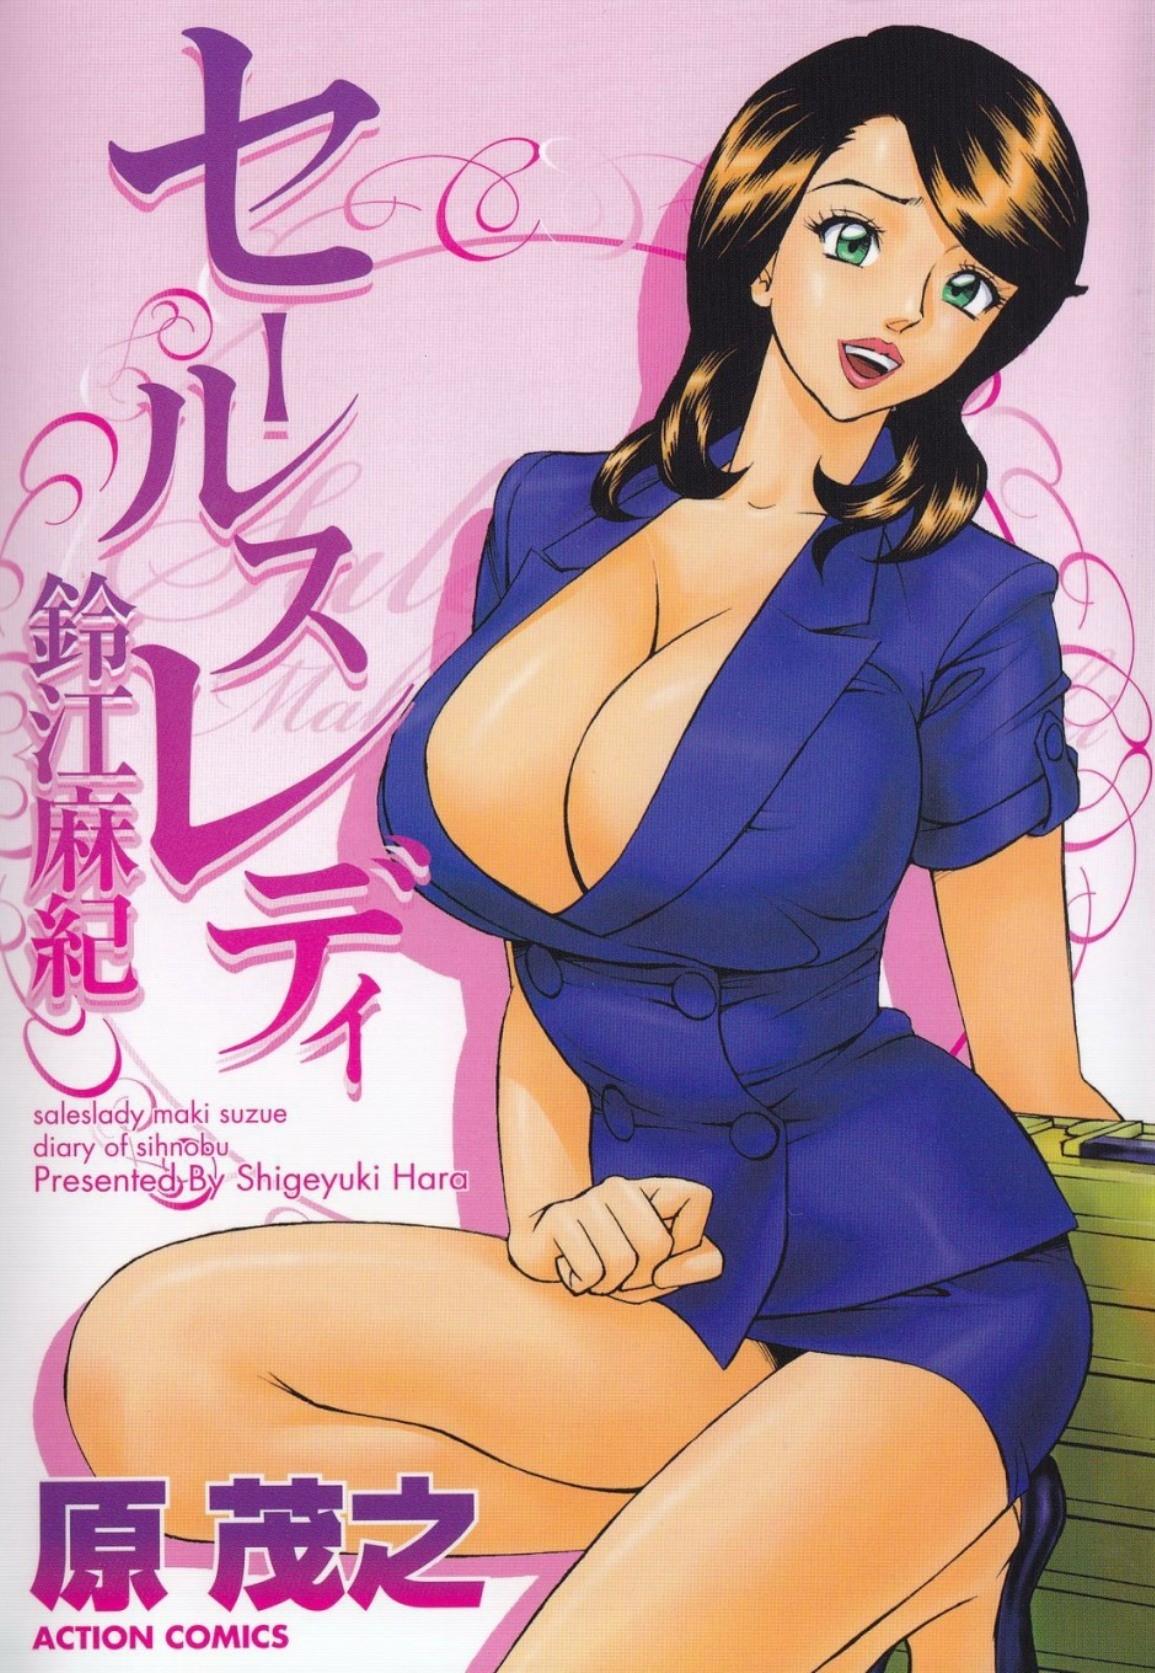 Hara Shigeyuki